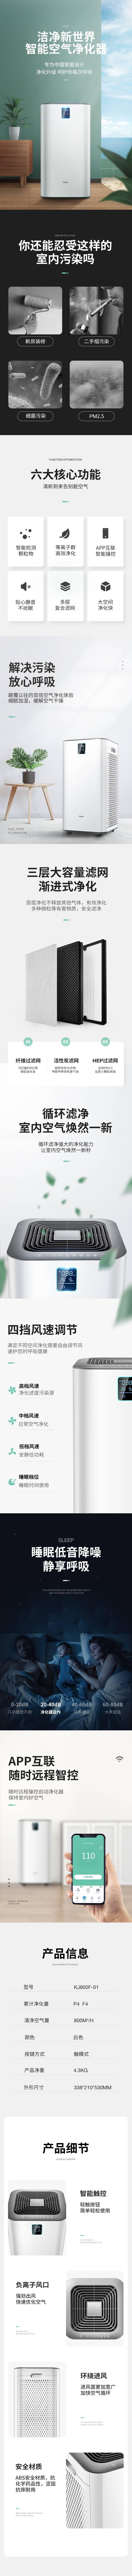 电商数码家电空气净化器详情页模板